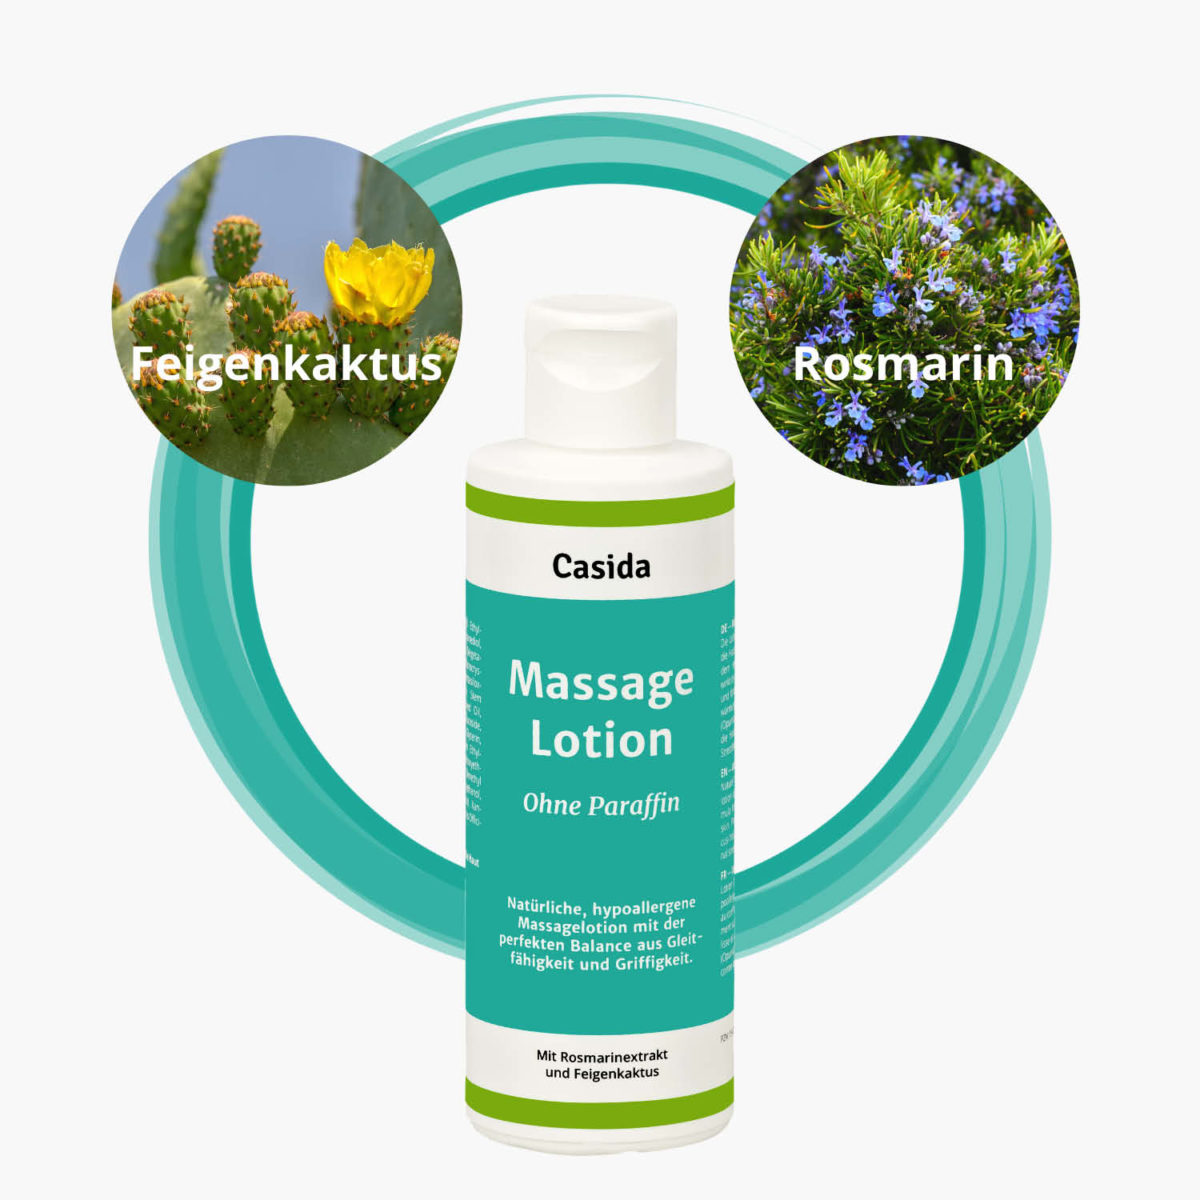 Casida Massagelotion Natural ohne Paraffin – 200 ml 500 ml 15409953 PZN Apotheke Massage Schröpfen pflanzlich Feigenkaktus Rosmarin5